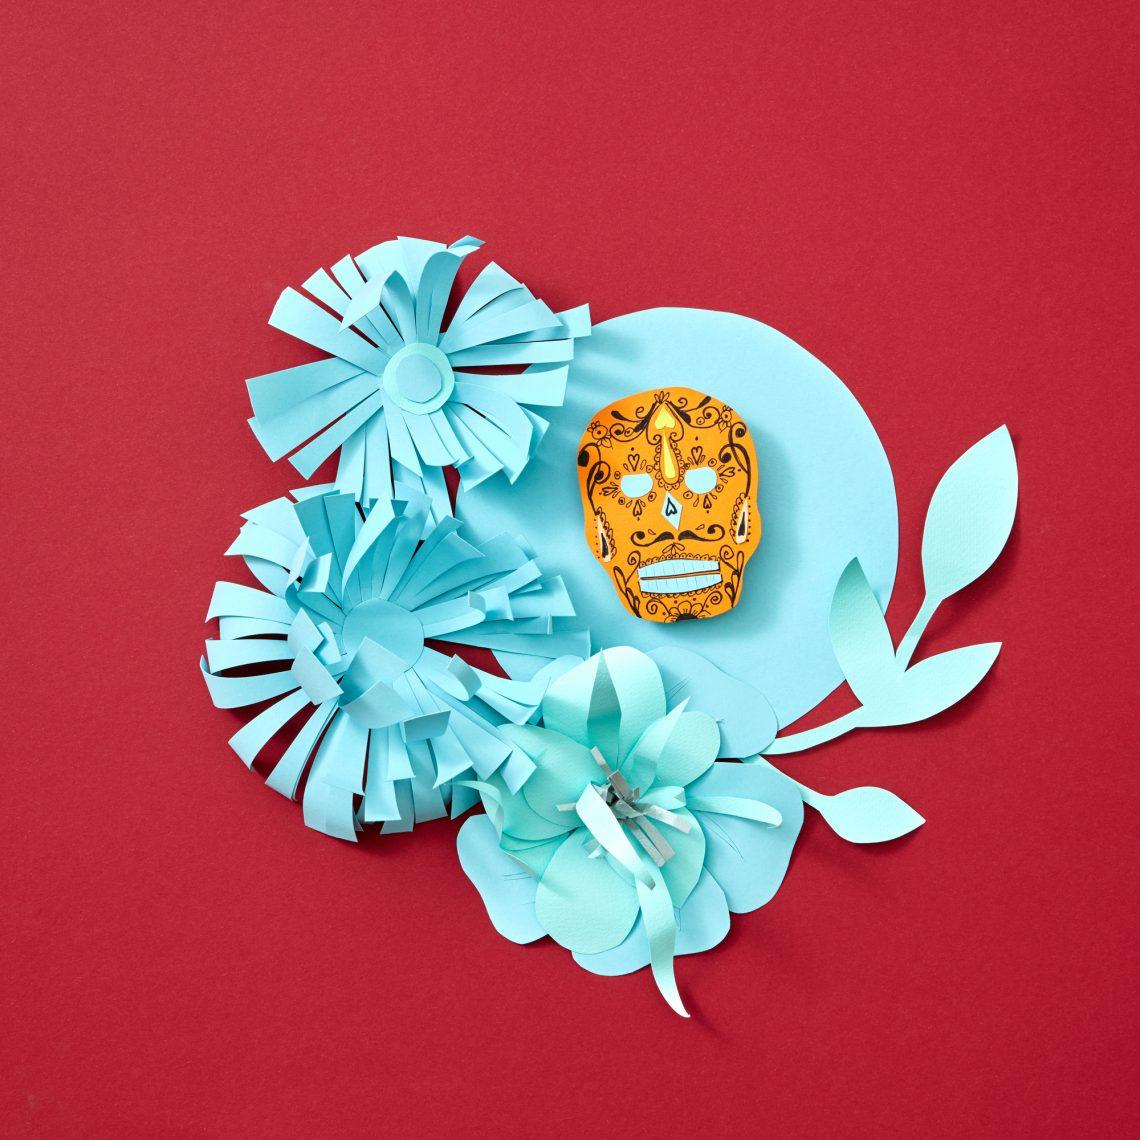 Фото паперового виробу у вигляді квітів і черепа